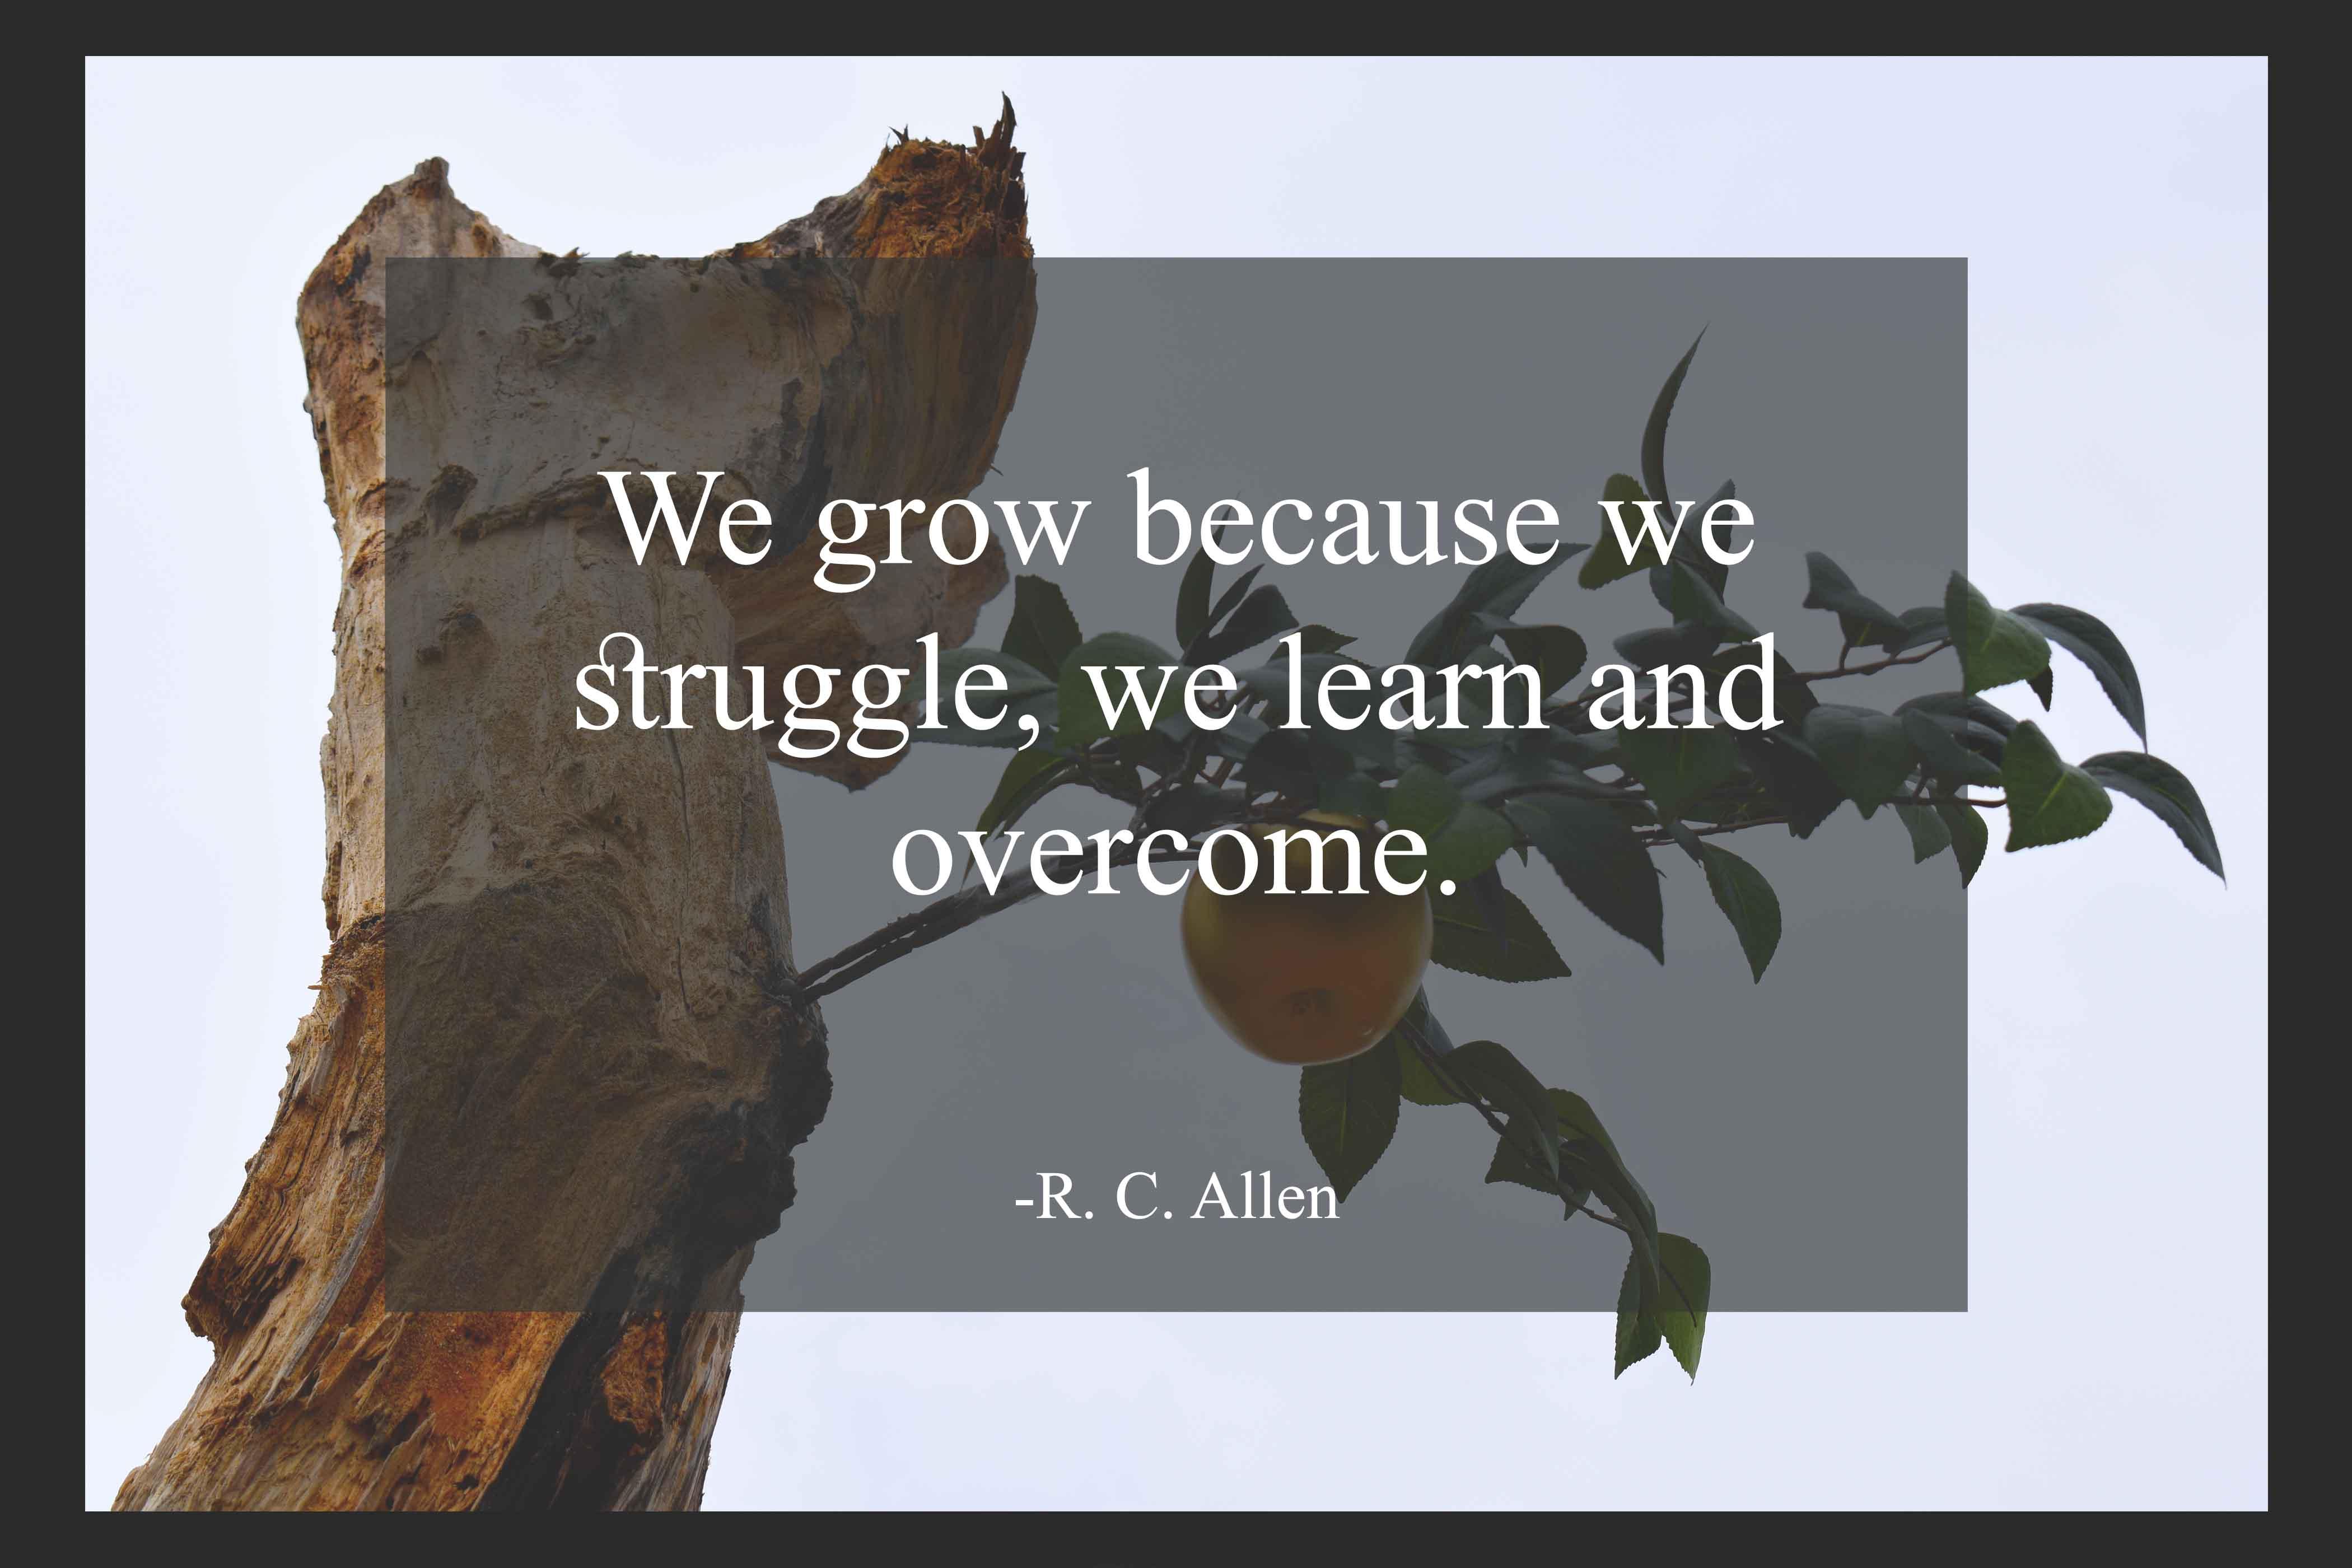 R C Allen struggle quotes